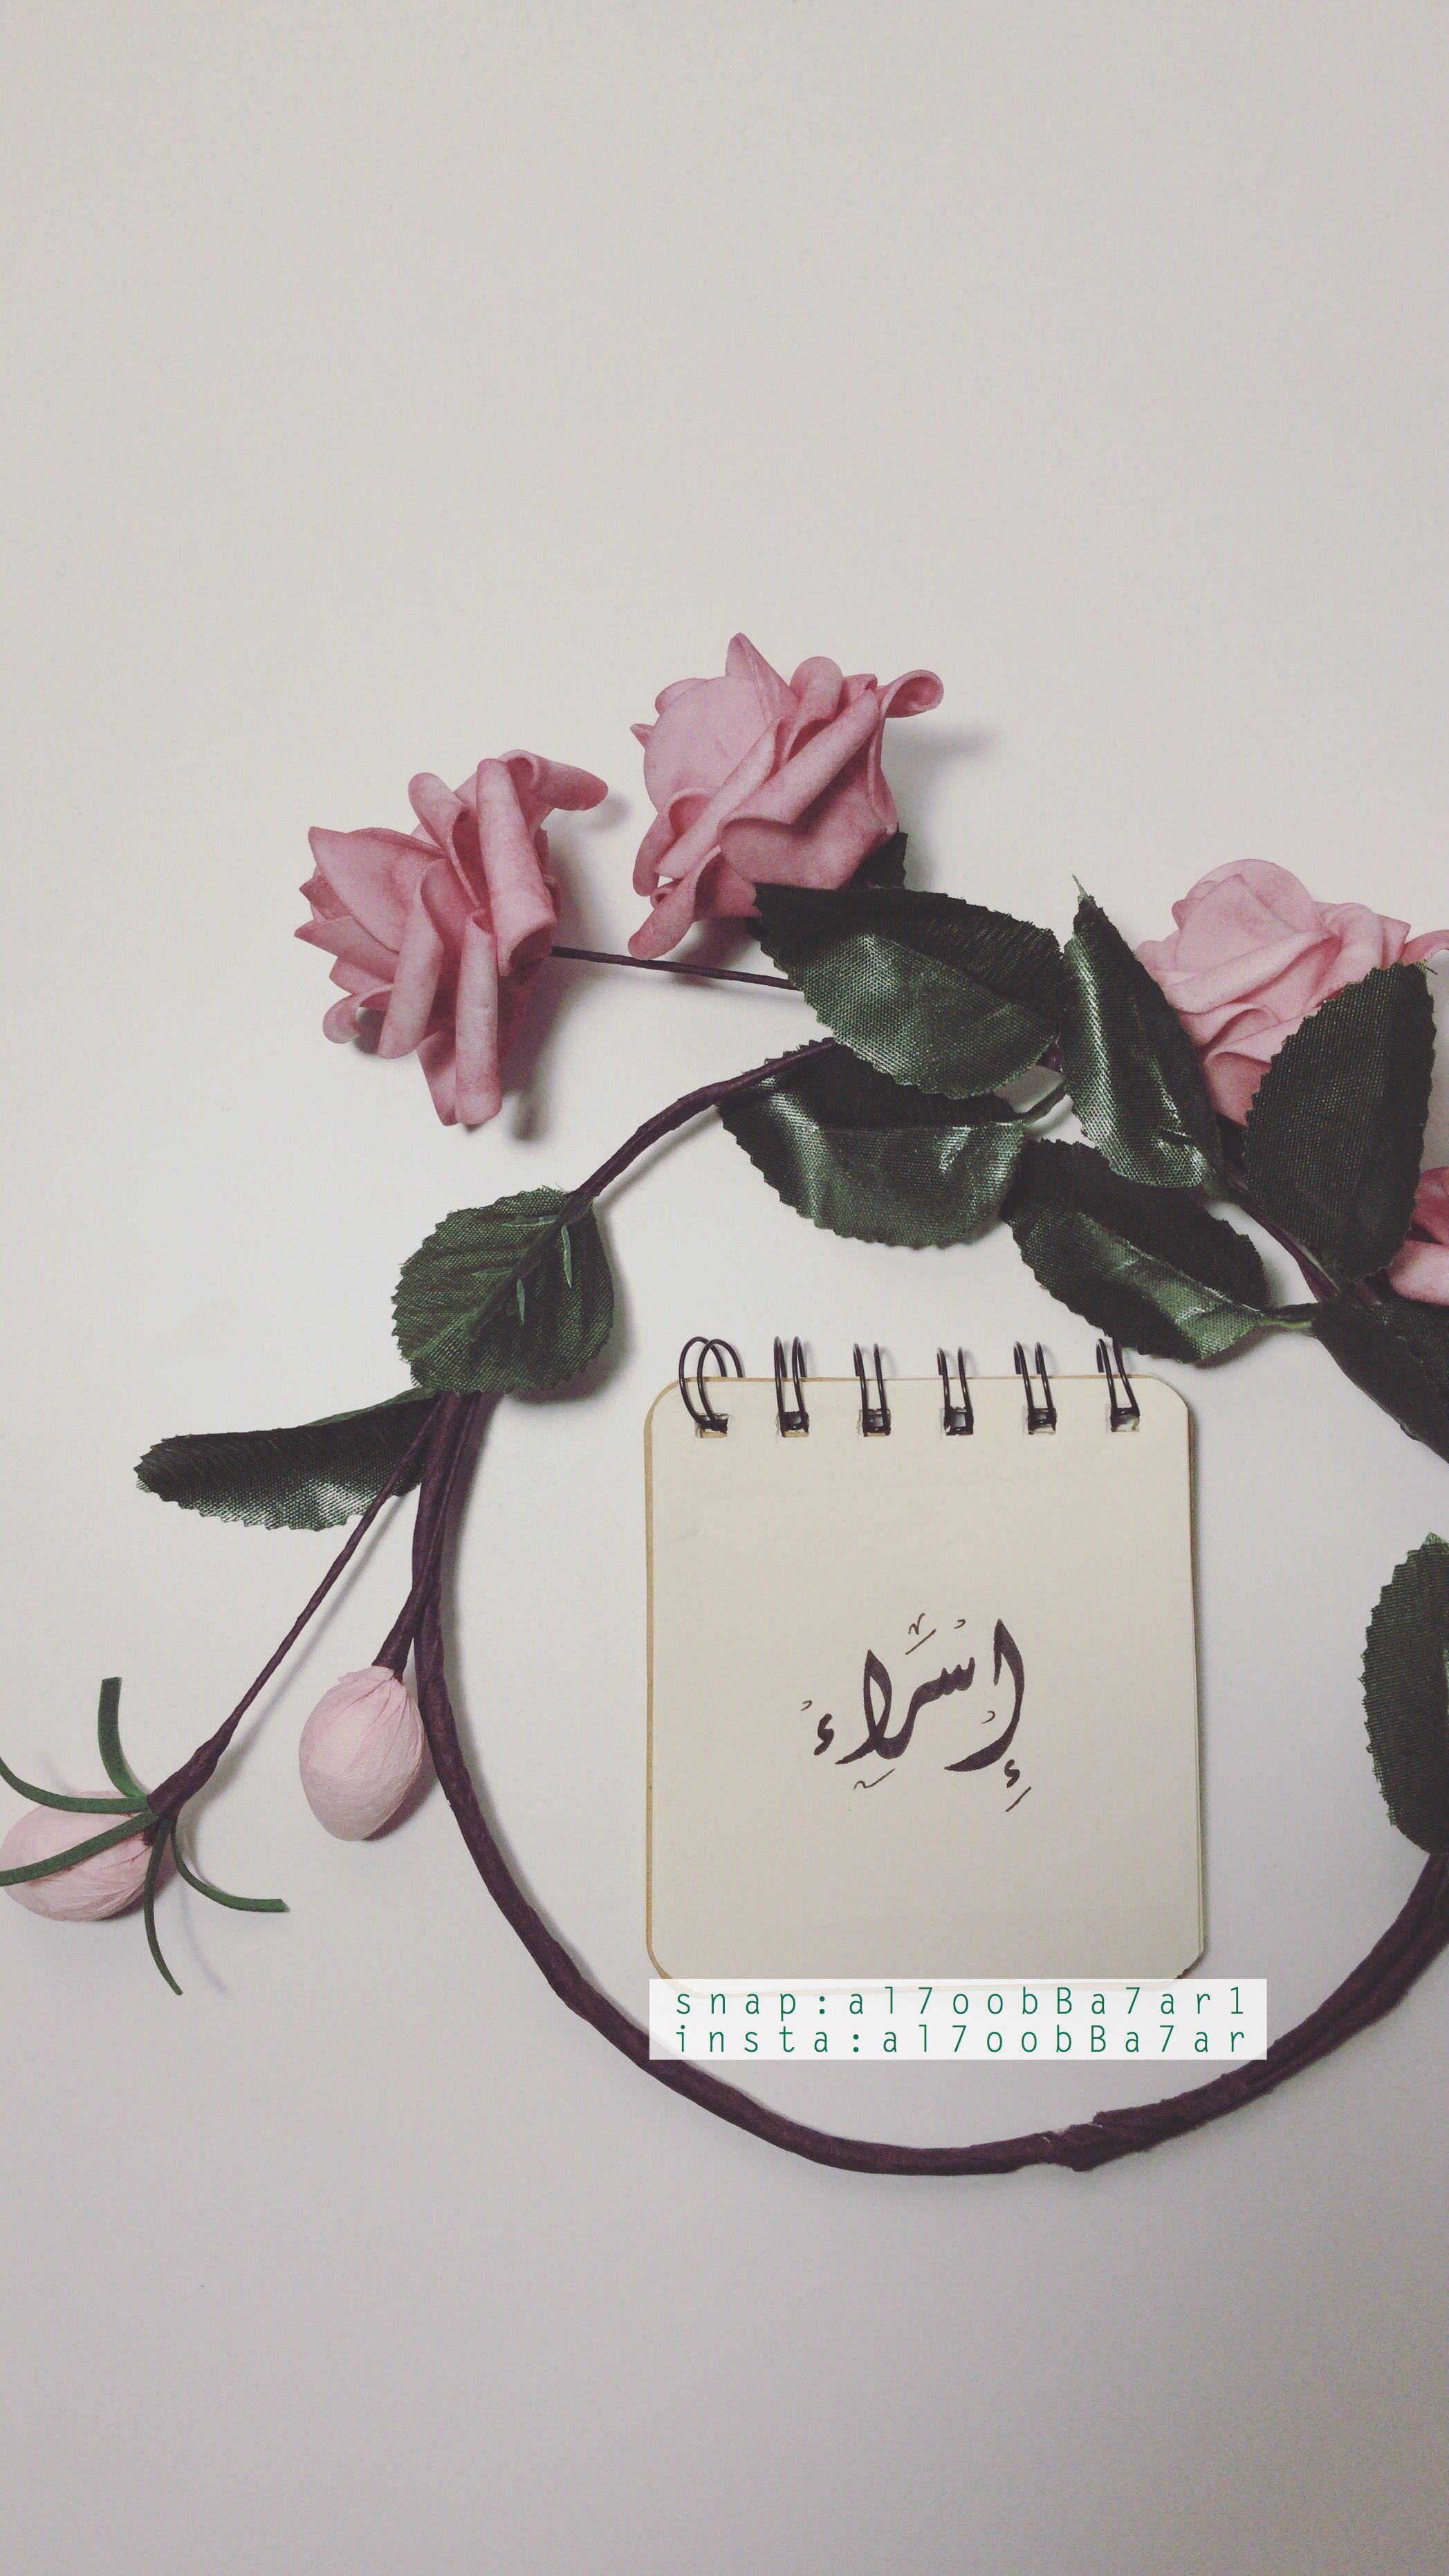 إسراء خطي الخطوط الخط العربي الخط الديواني الخط العربي الفن الاسلامي خطاطين الإنستقرام دعم Flower Wallpaper Good Morning Arabic Love Husband Quotes